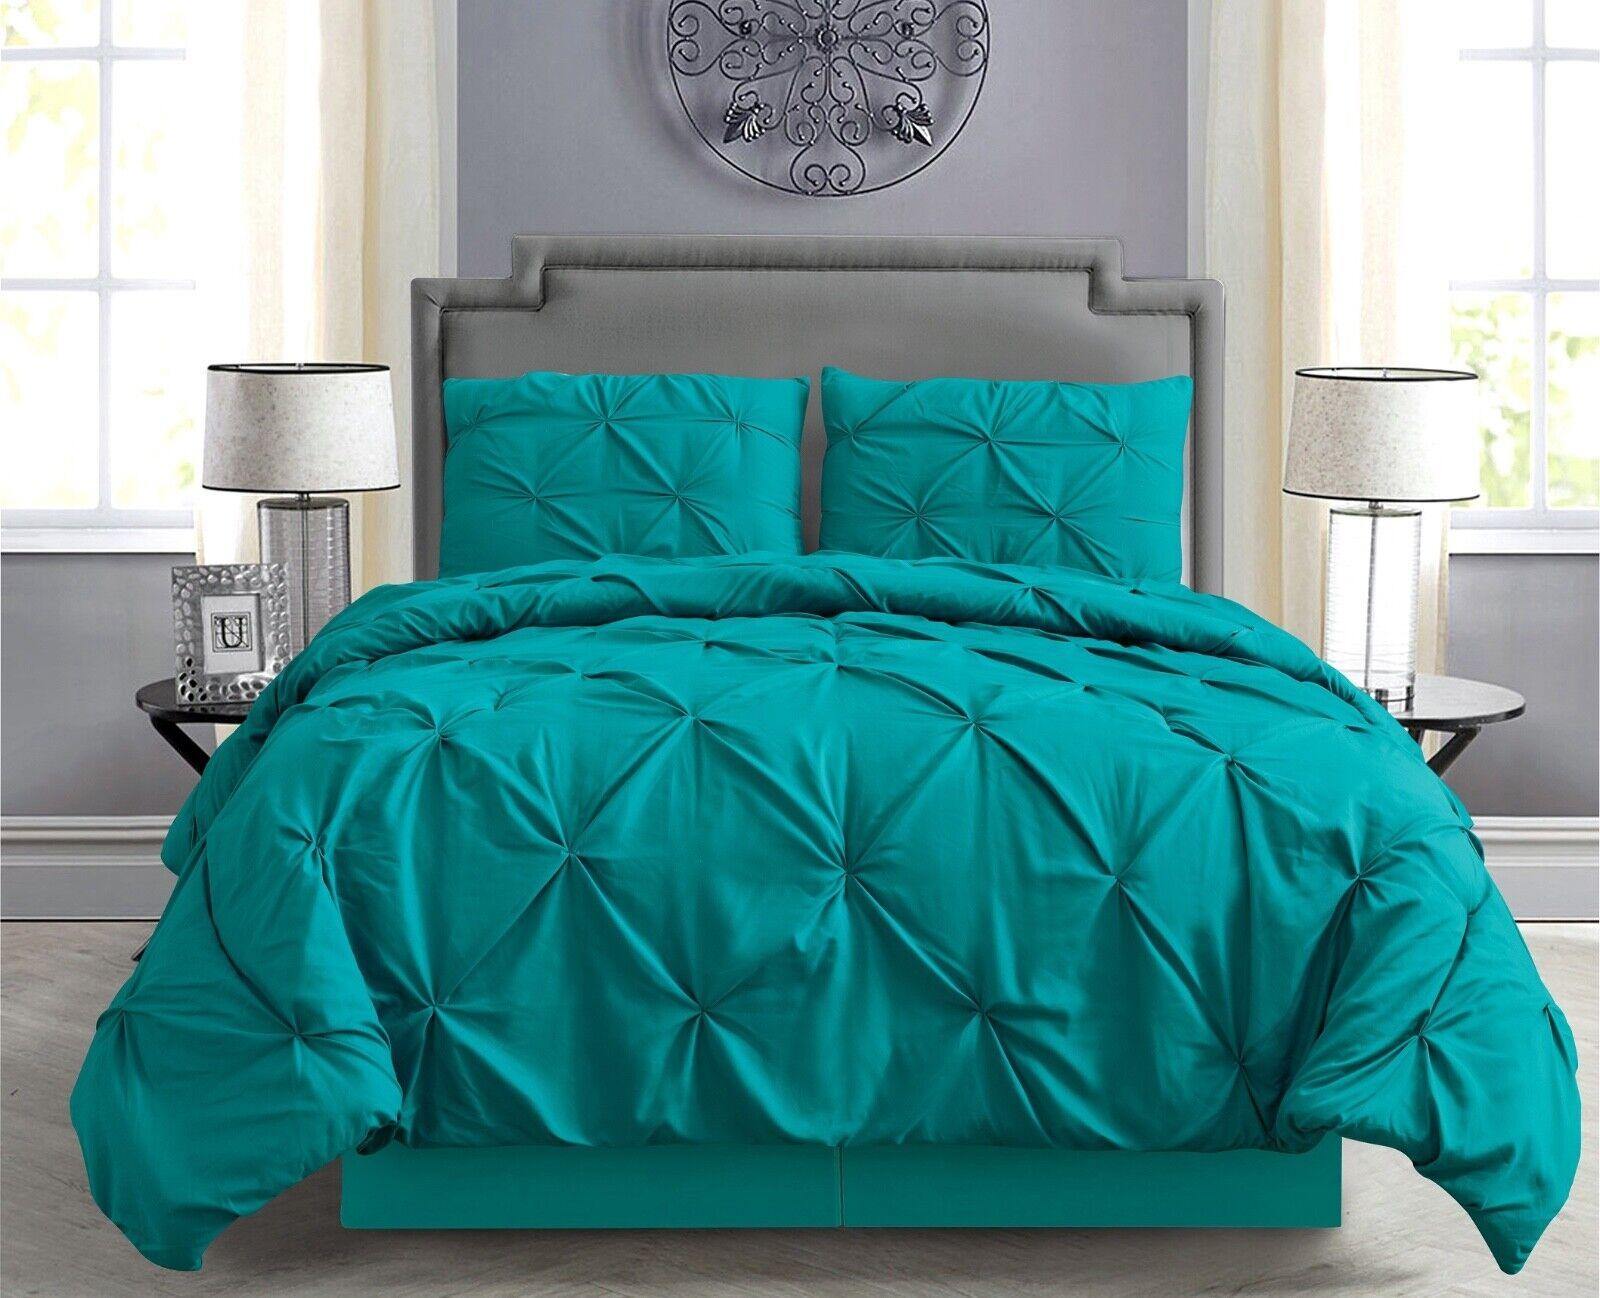 Pintuck Hypoallergenic 8-Piece Bed In A Bag Comforter Set w/